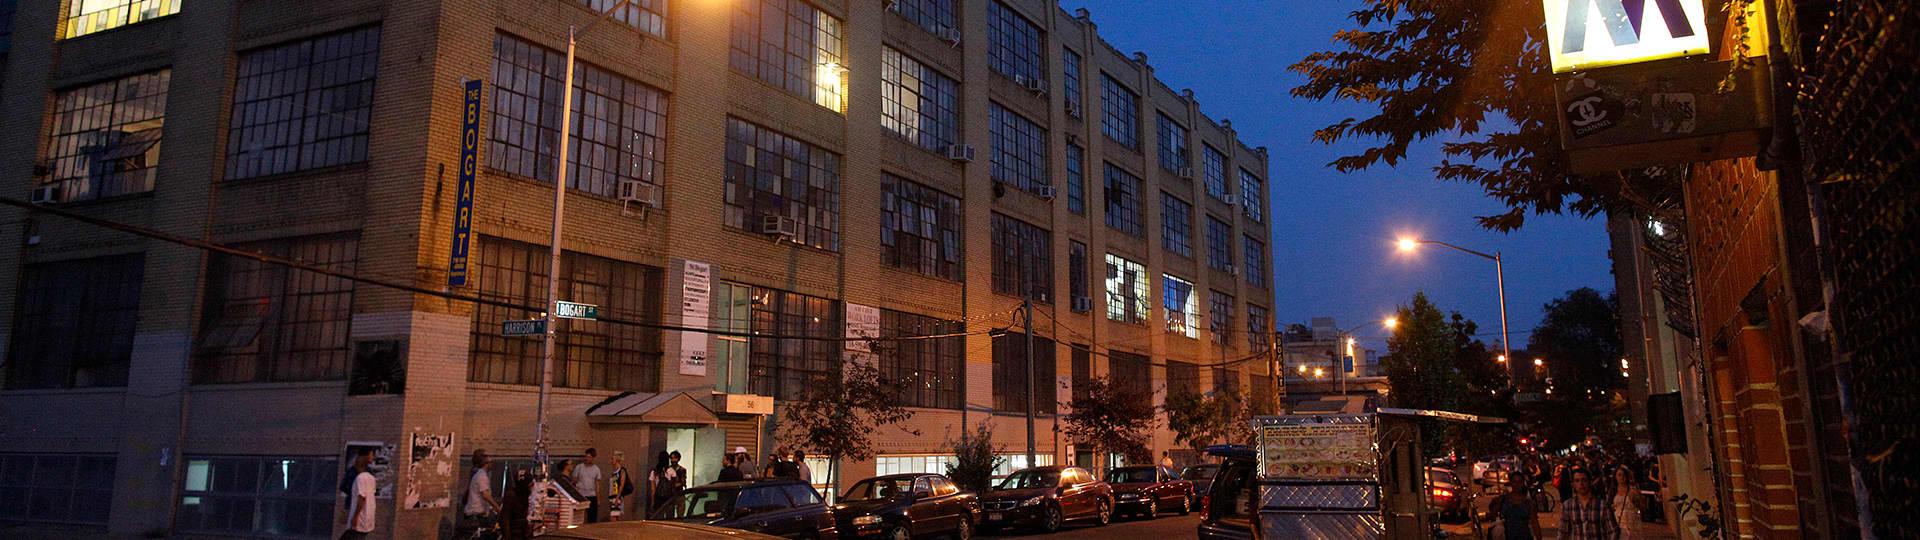 56 Bogart, exterior, night